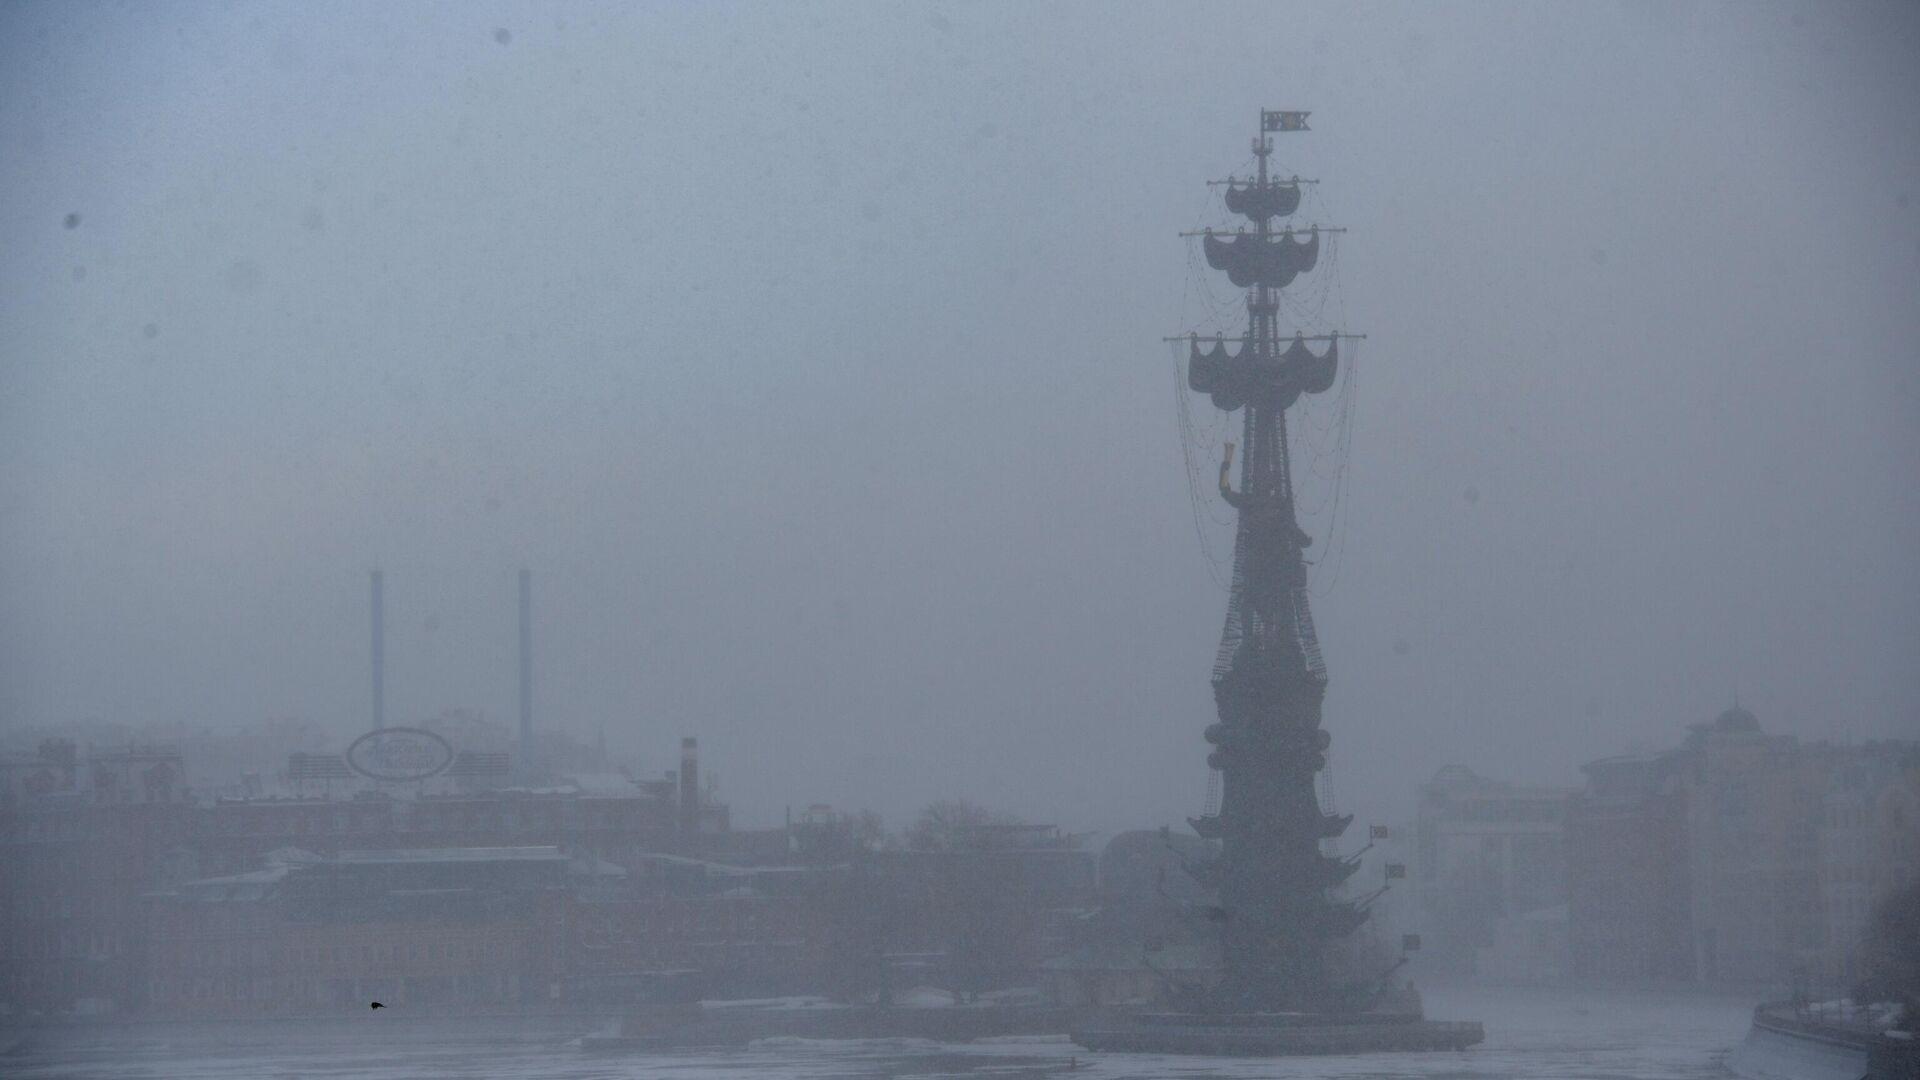 Памятник В ознаменование 300-летия российского флота в Москве - РИА Новости, 1920, 06.04.2021